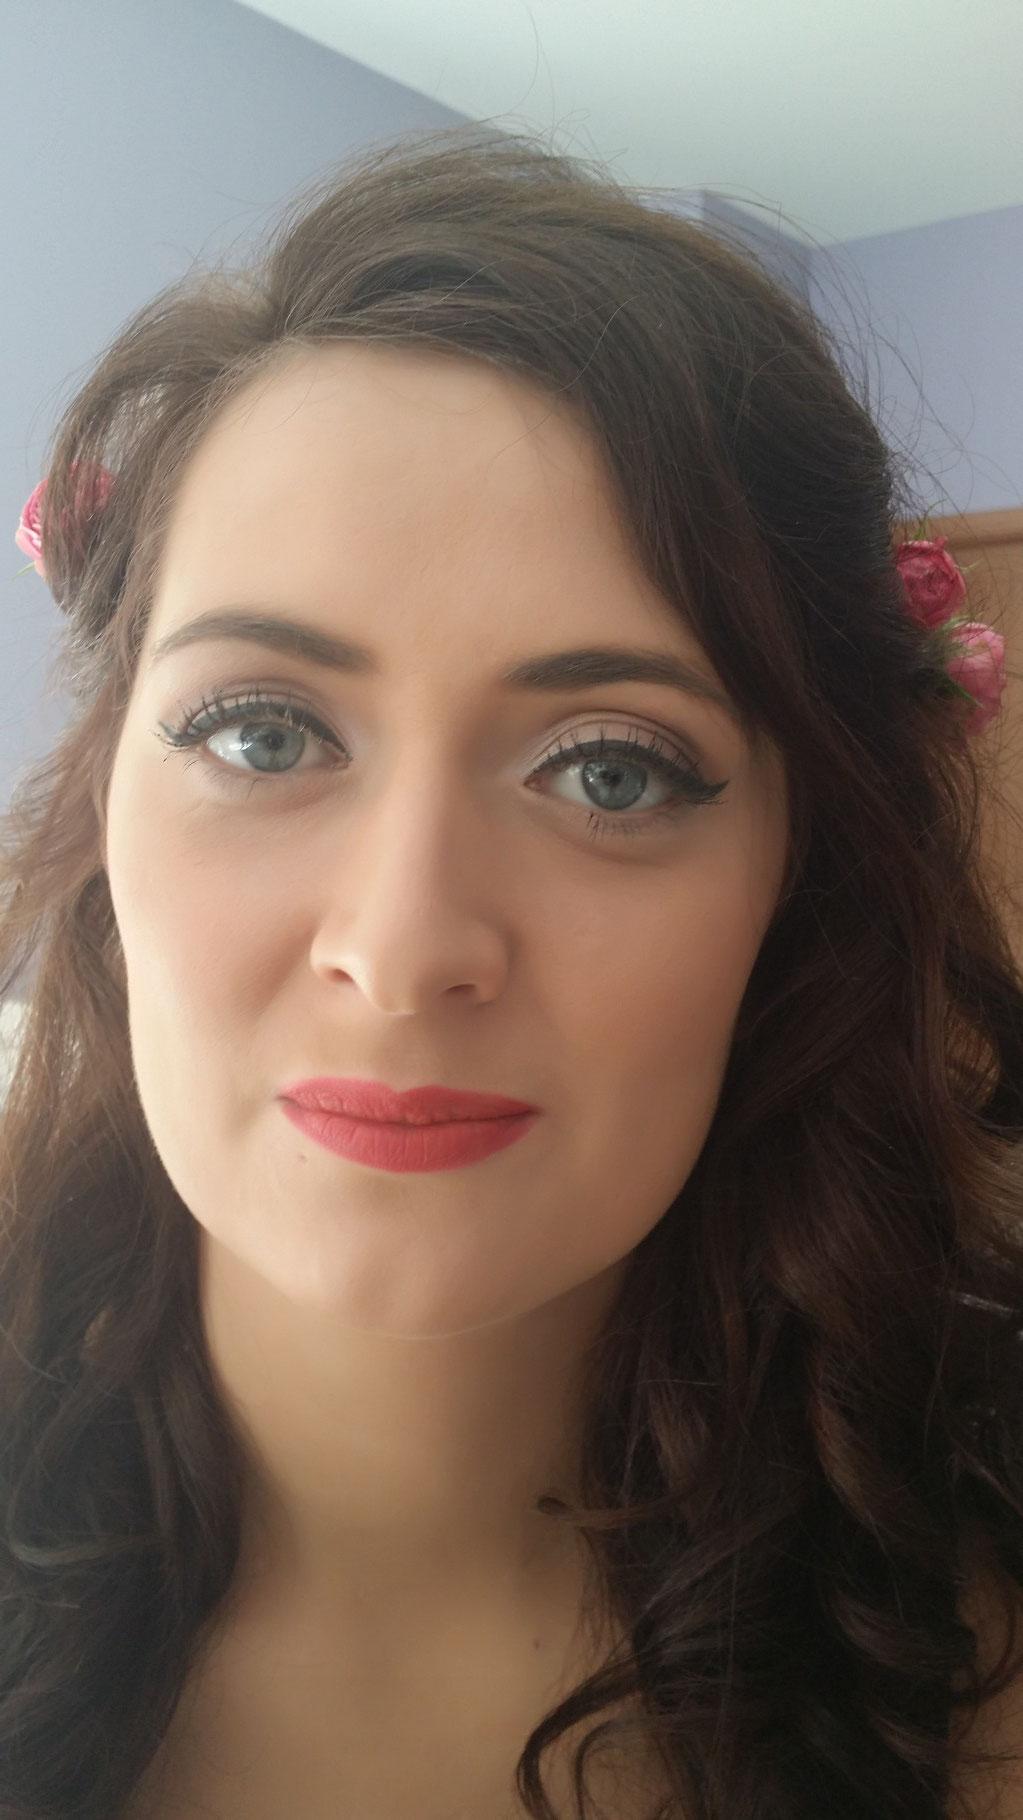 Maquillage mariée avec trait d'eye liner noir